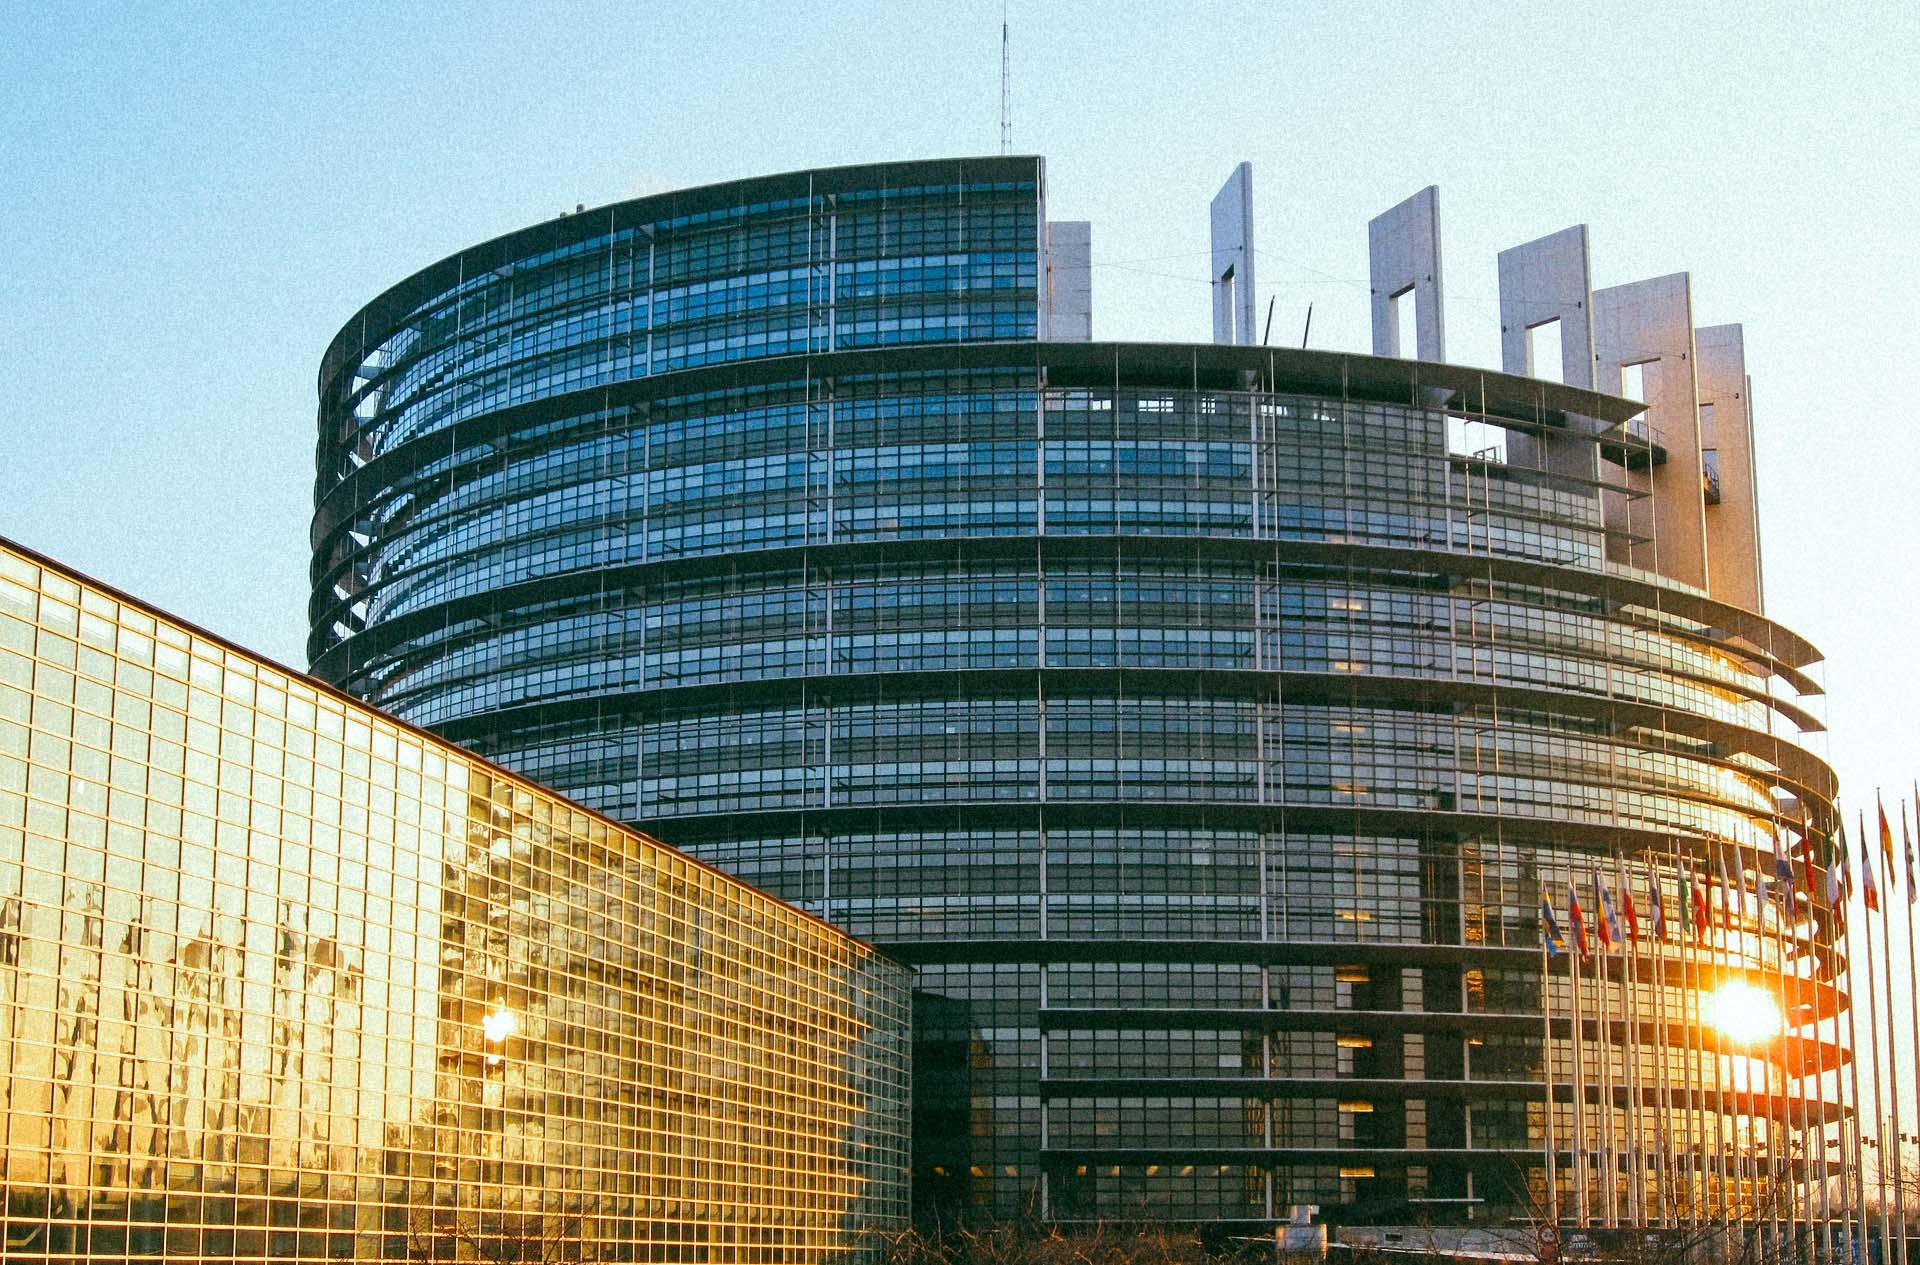 Vers une taxe carbone aux frontières de l'Europe